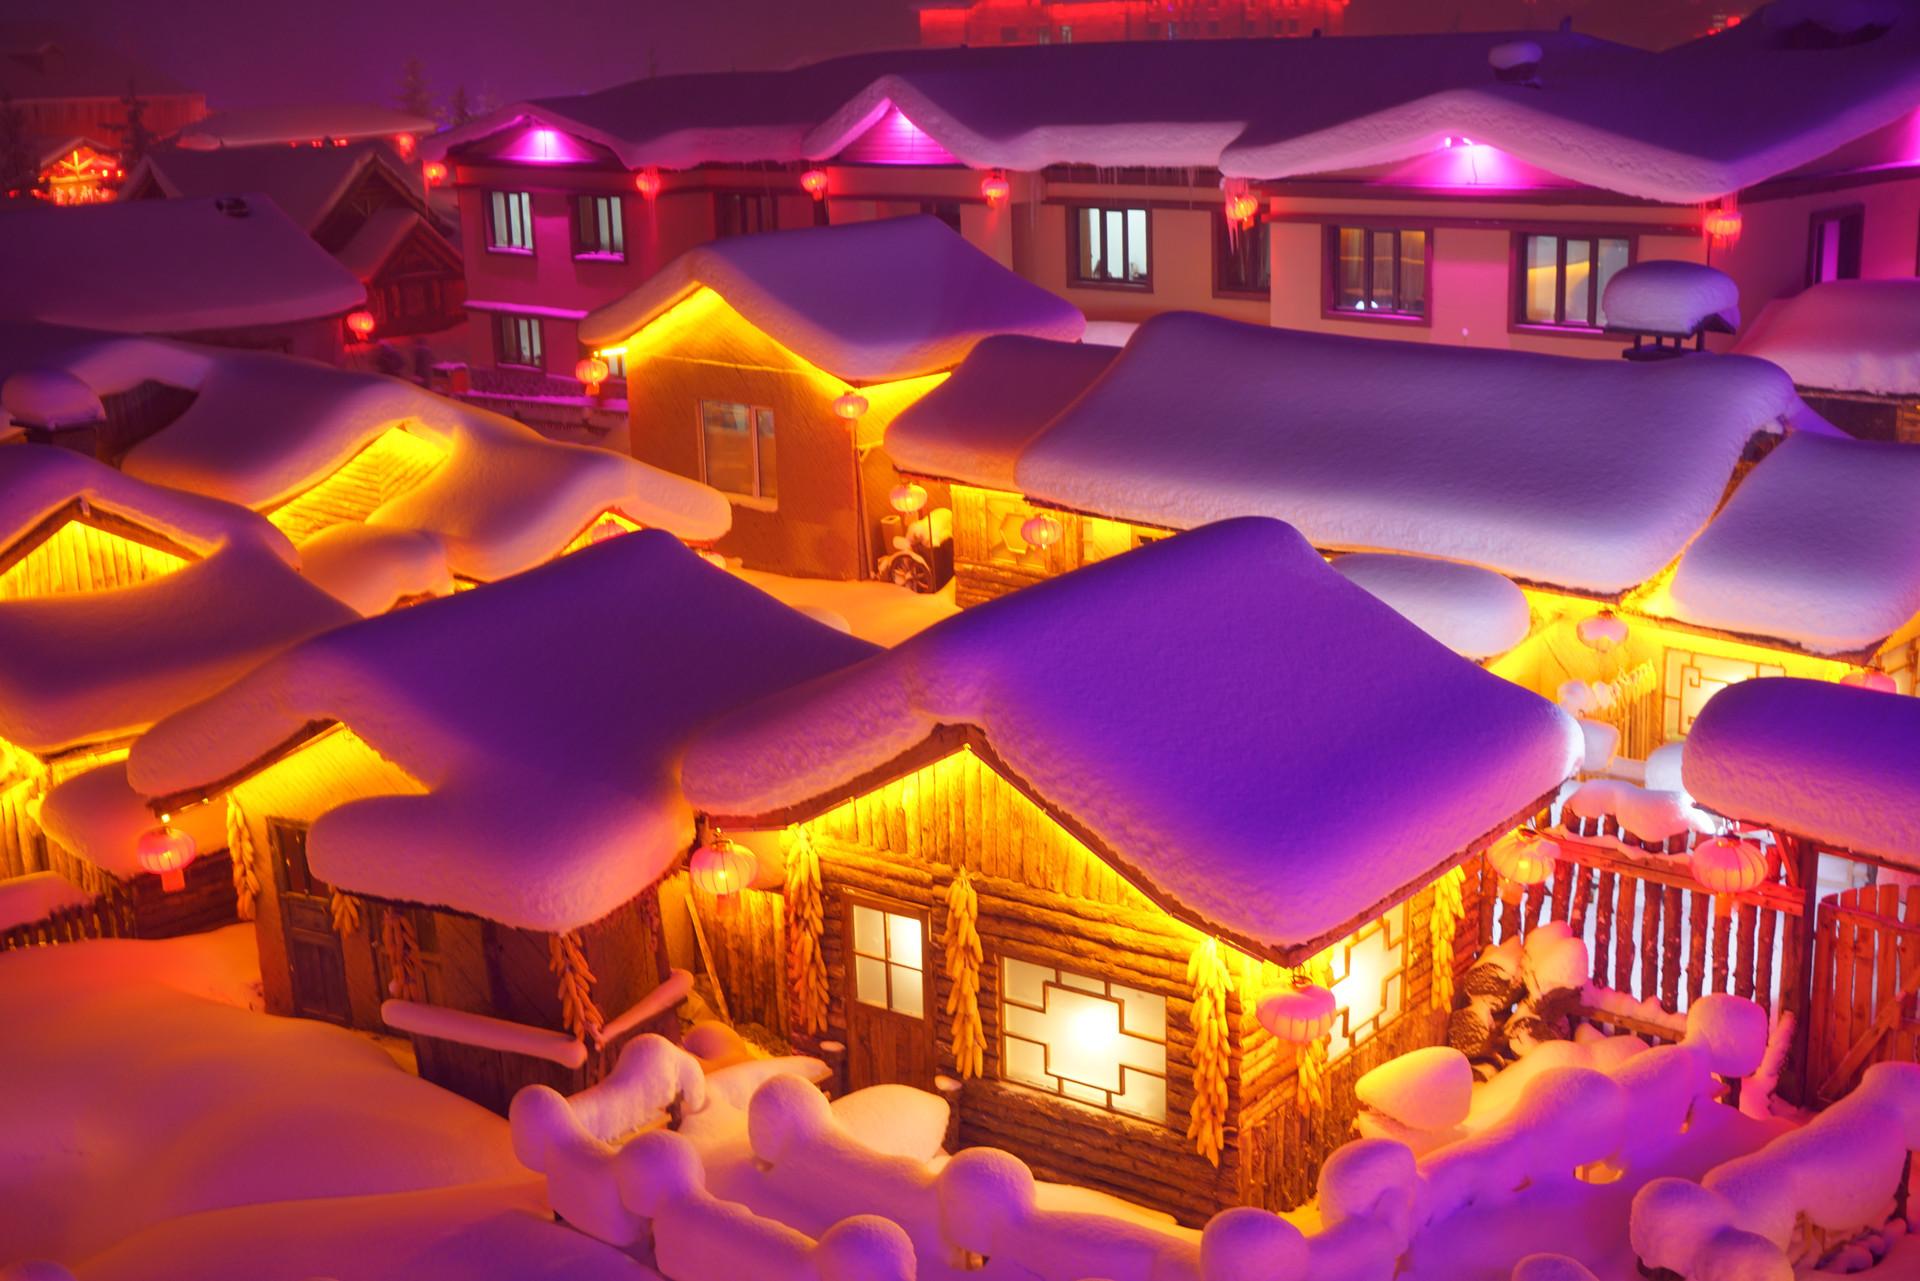 黑龙江的雪乡已经开园,不宰客的雪乡还是很美的